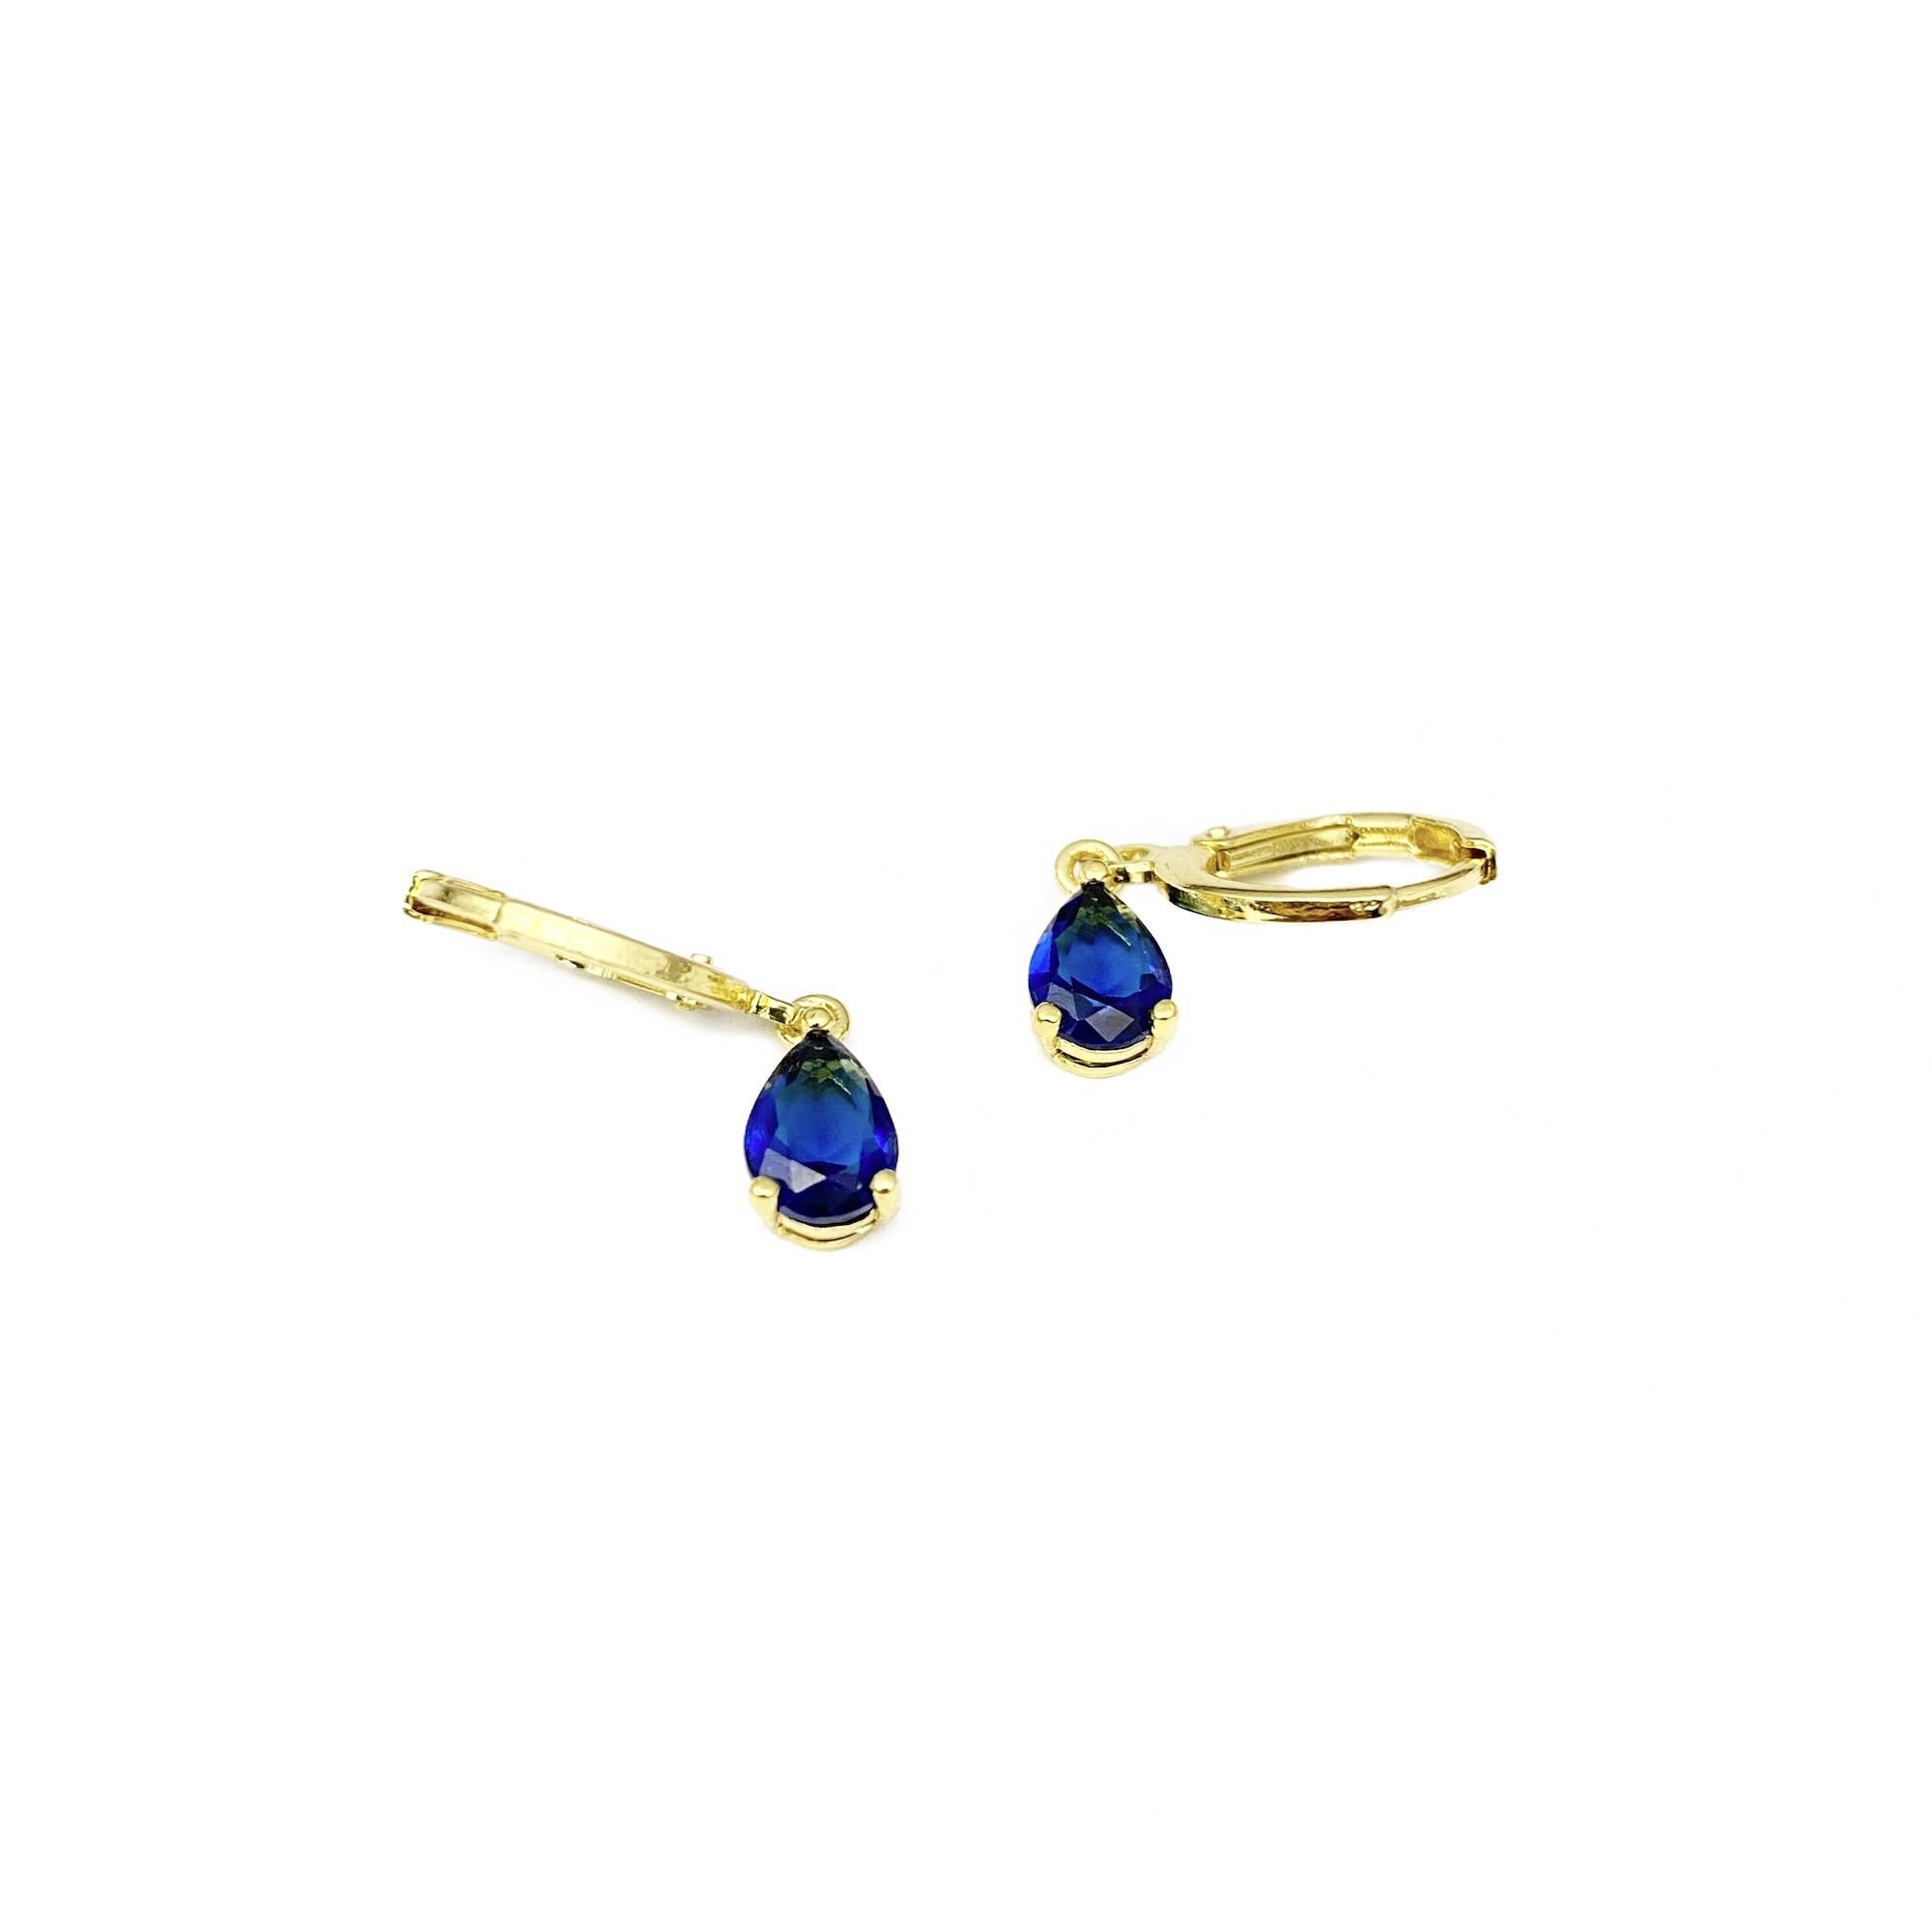 Brinco Argola Pedra Azul Marinho (Banho Ouro 24k)